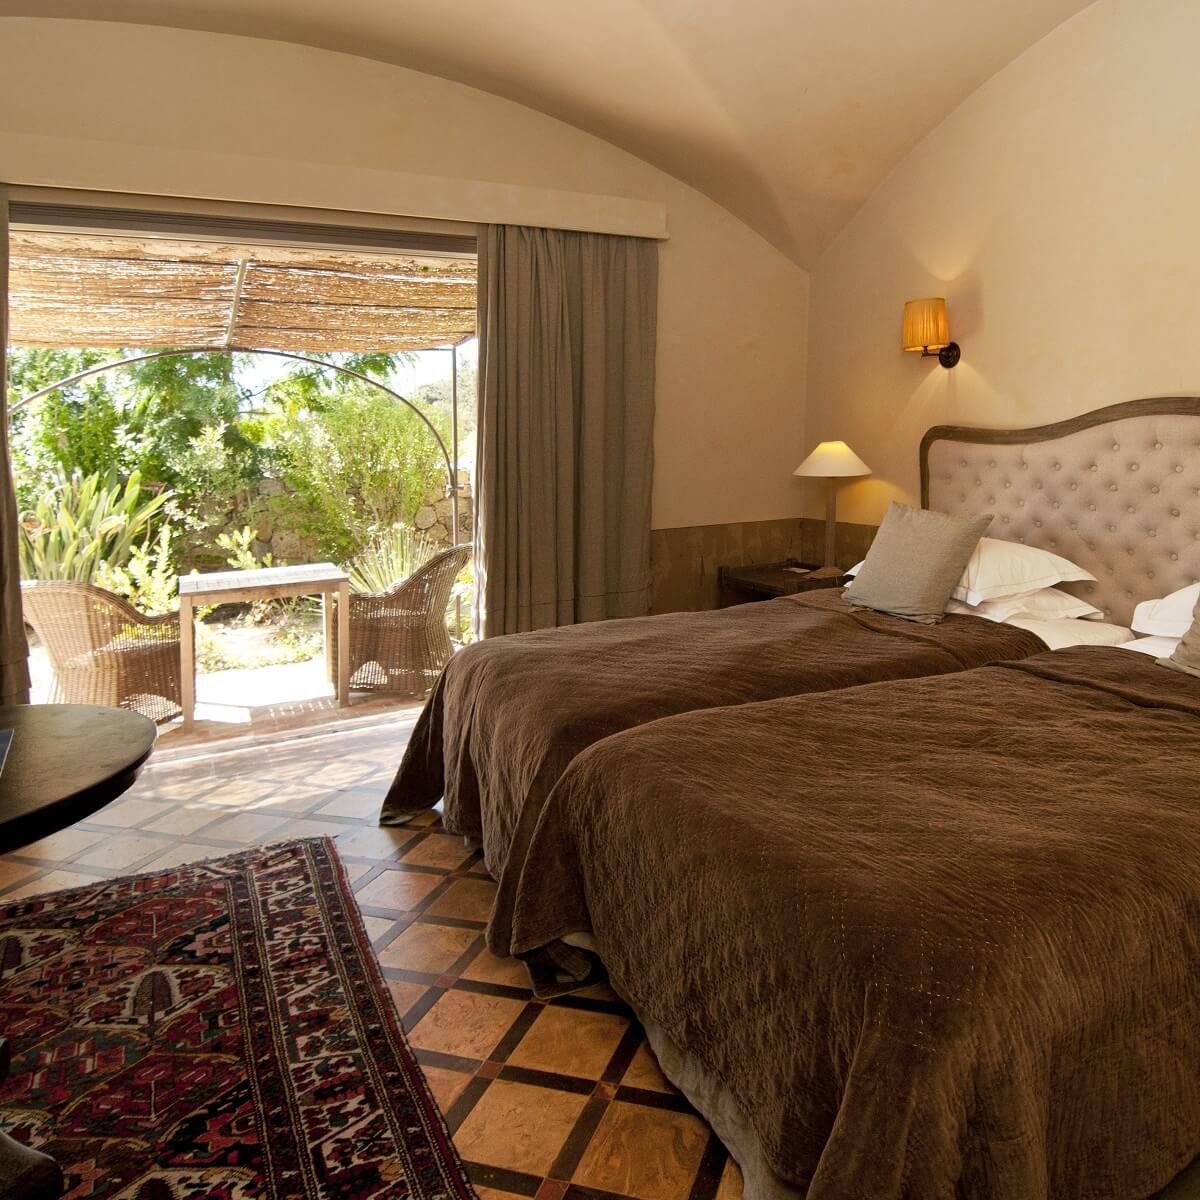 Chambre villa - Hôtel La Signoria - Calvi - Corse du sud